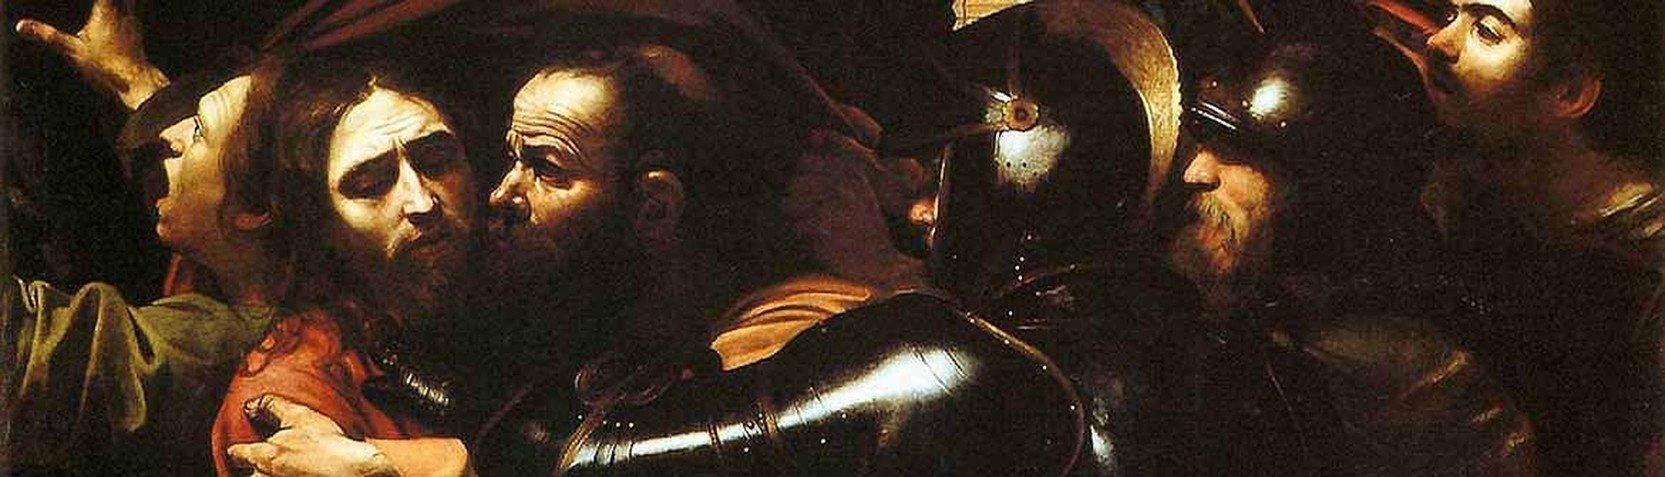 Künstler - Michelangelo Caravaggio